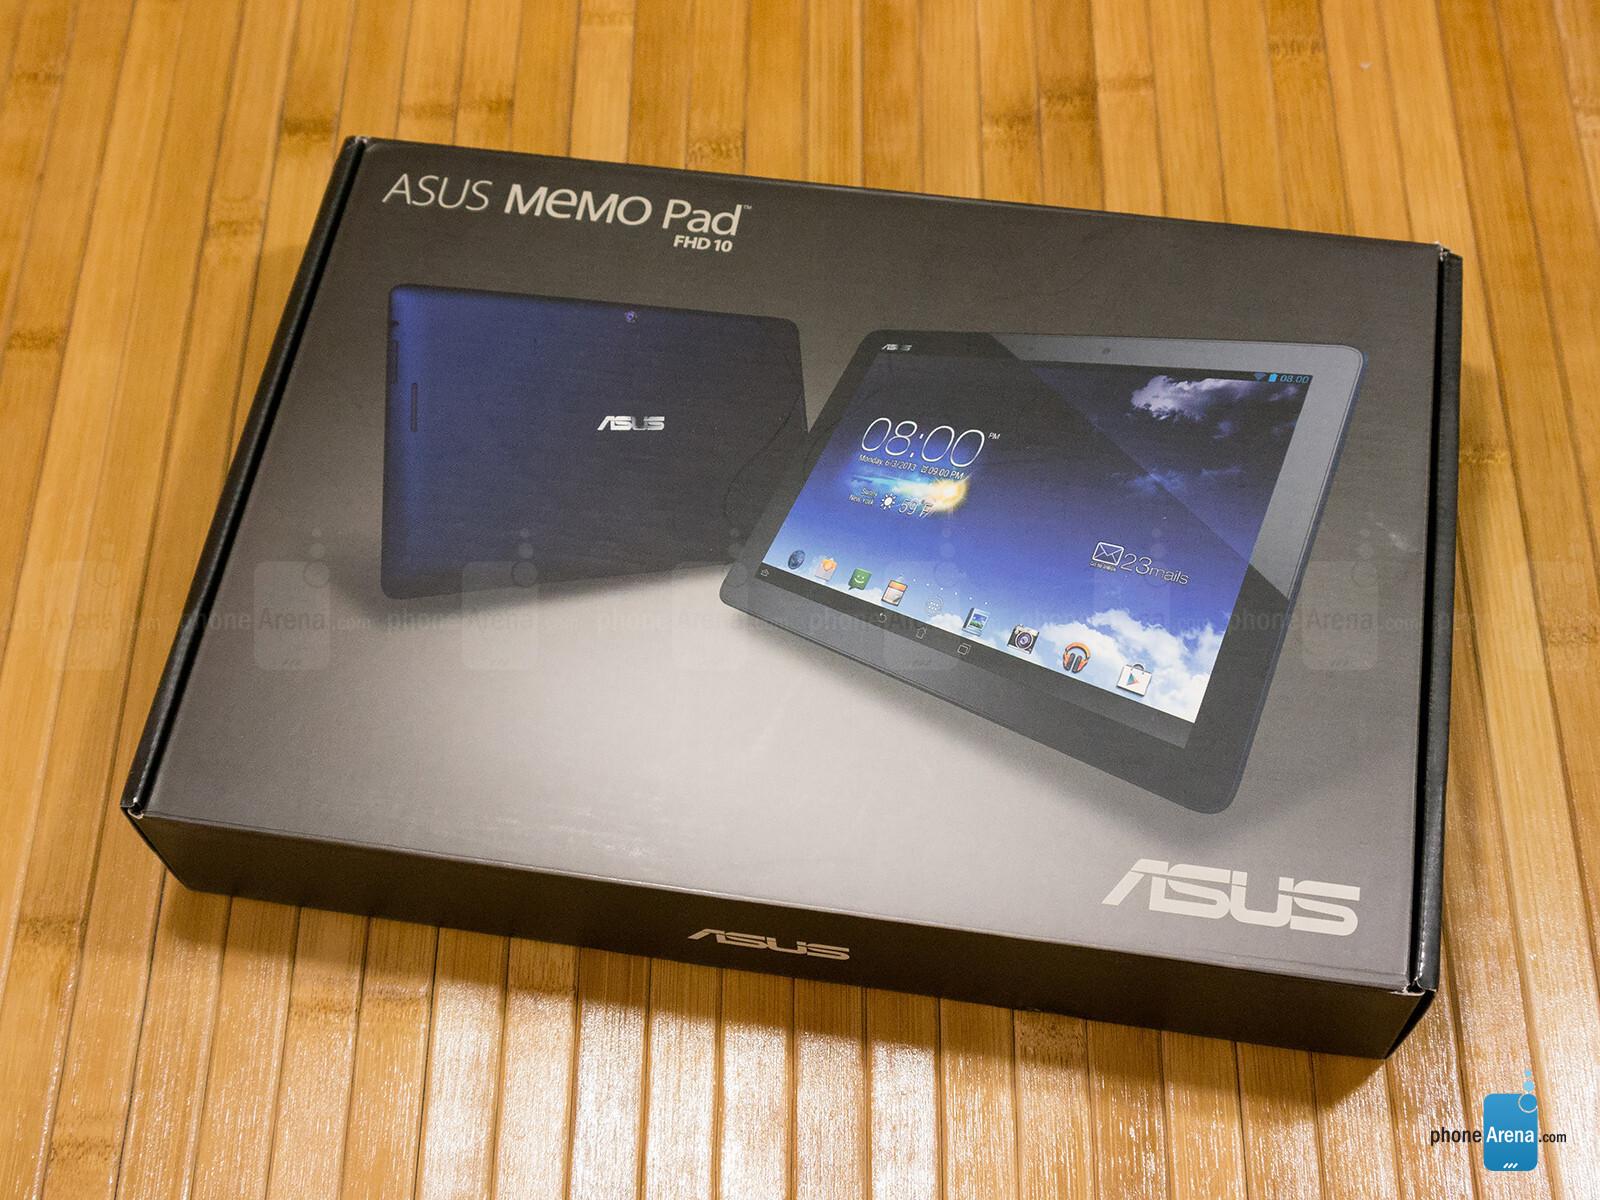 Asus MeMo Pad FHD 10 Review - PhoneArena